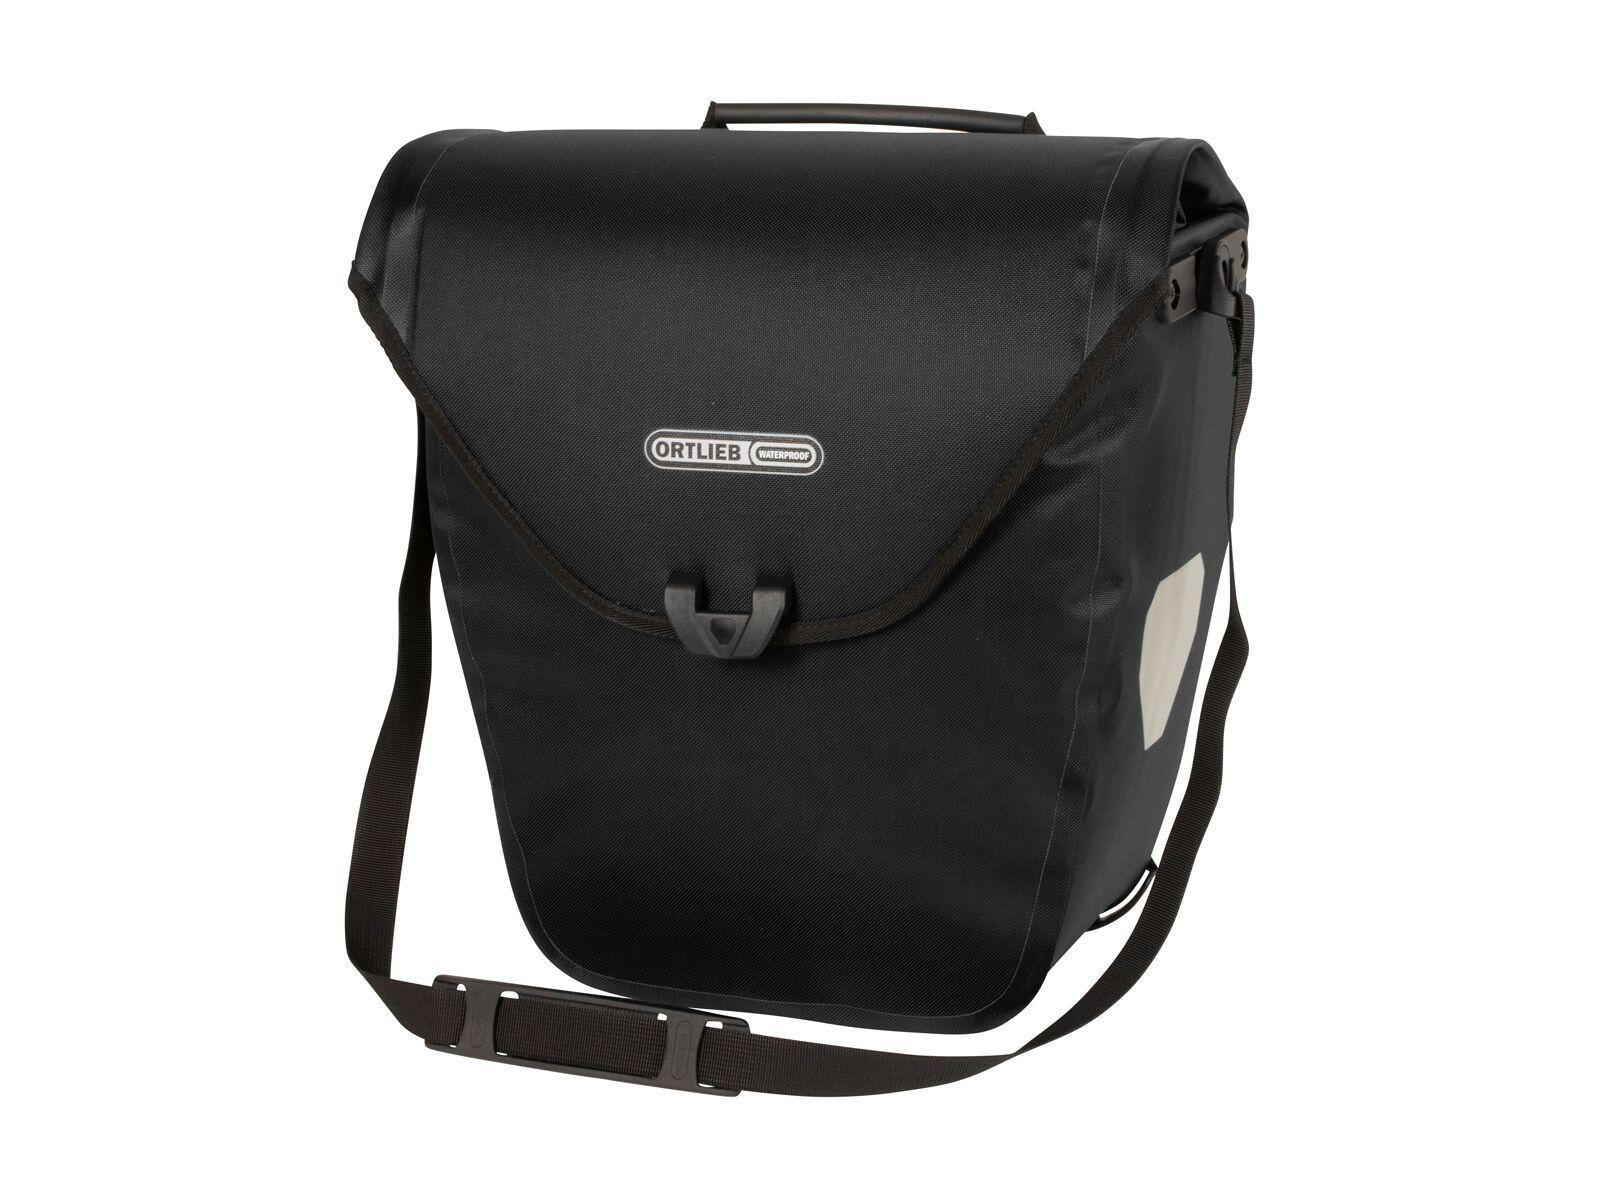 Ortlieb Velo-Shopper, black - Fahrradtasche F7524